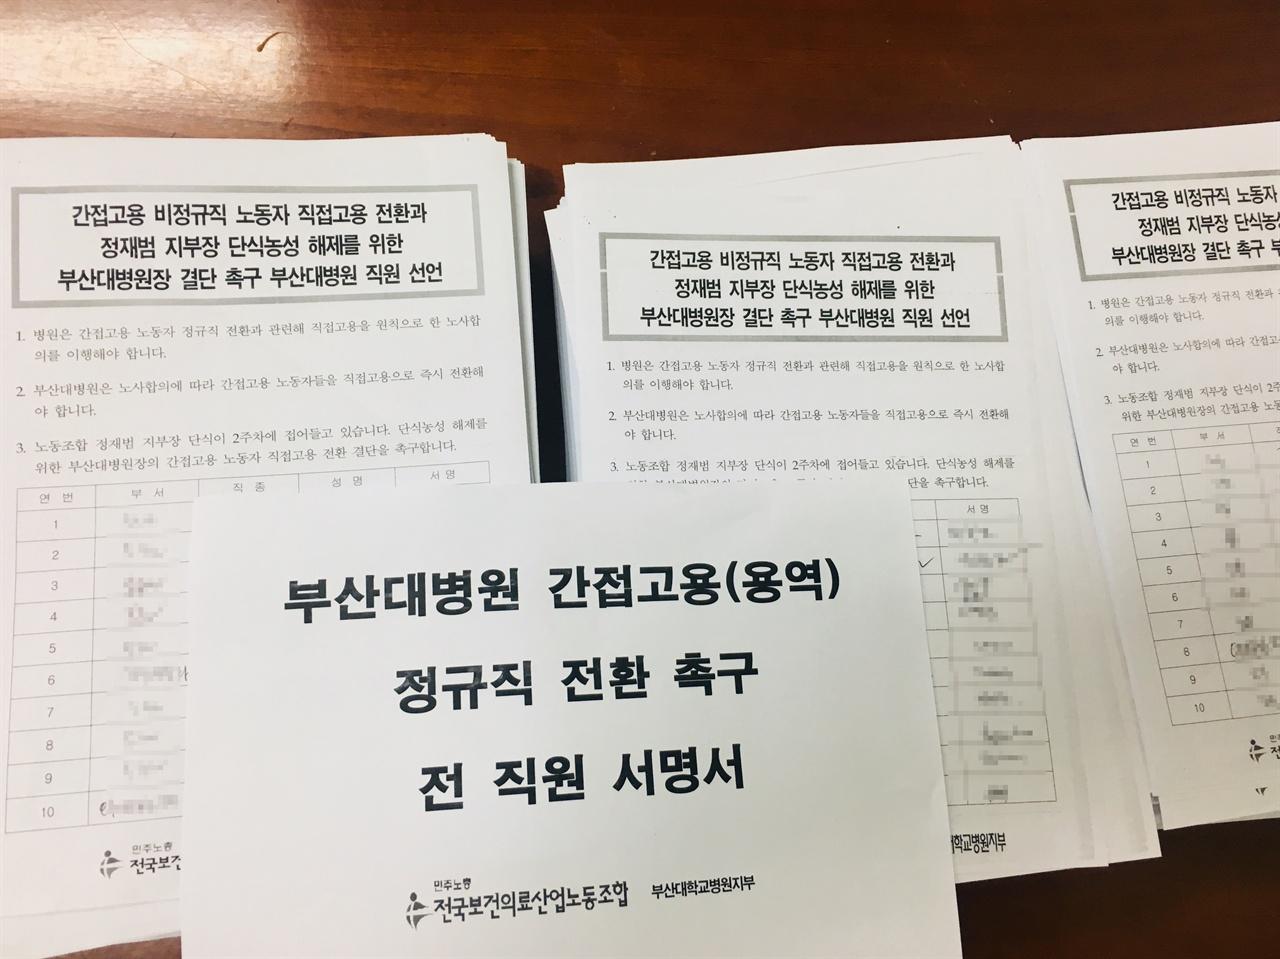 부산대병원 간접고용(용역)노동자 직접고용 전환 촉구 정규직 선언